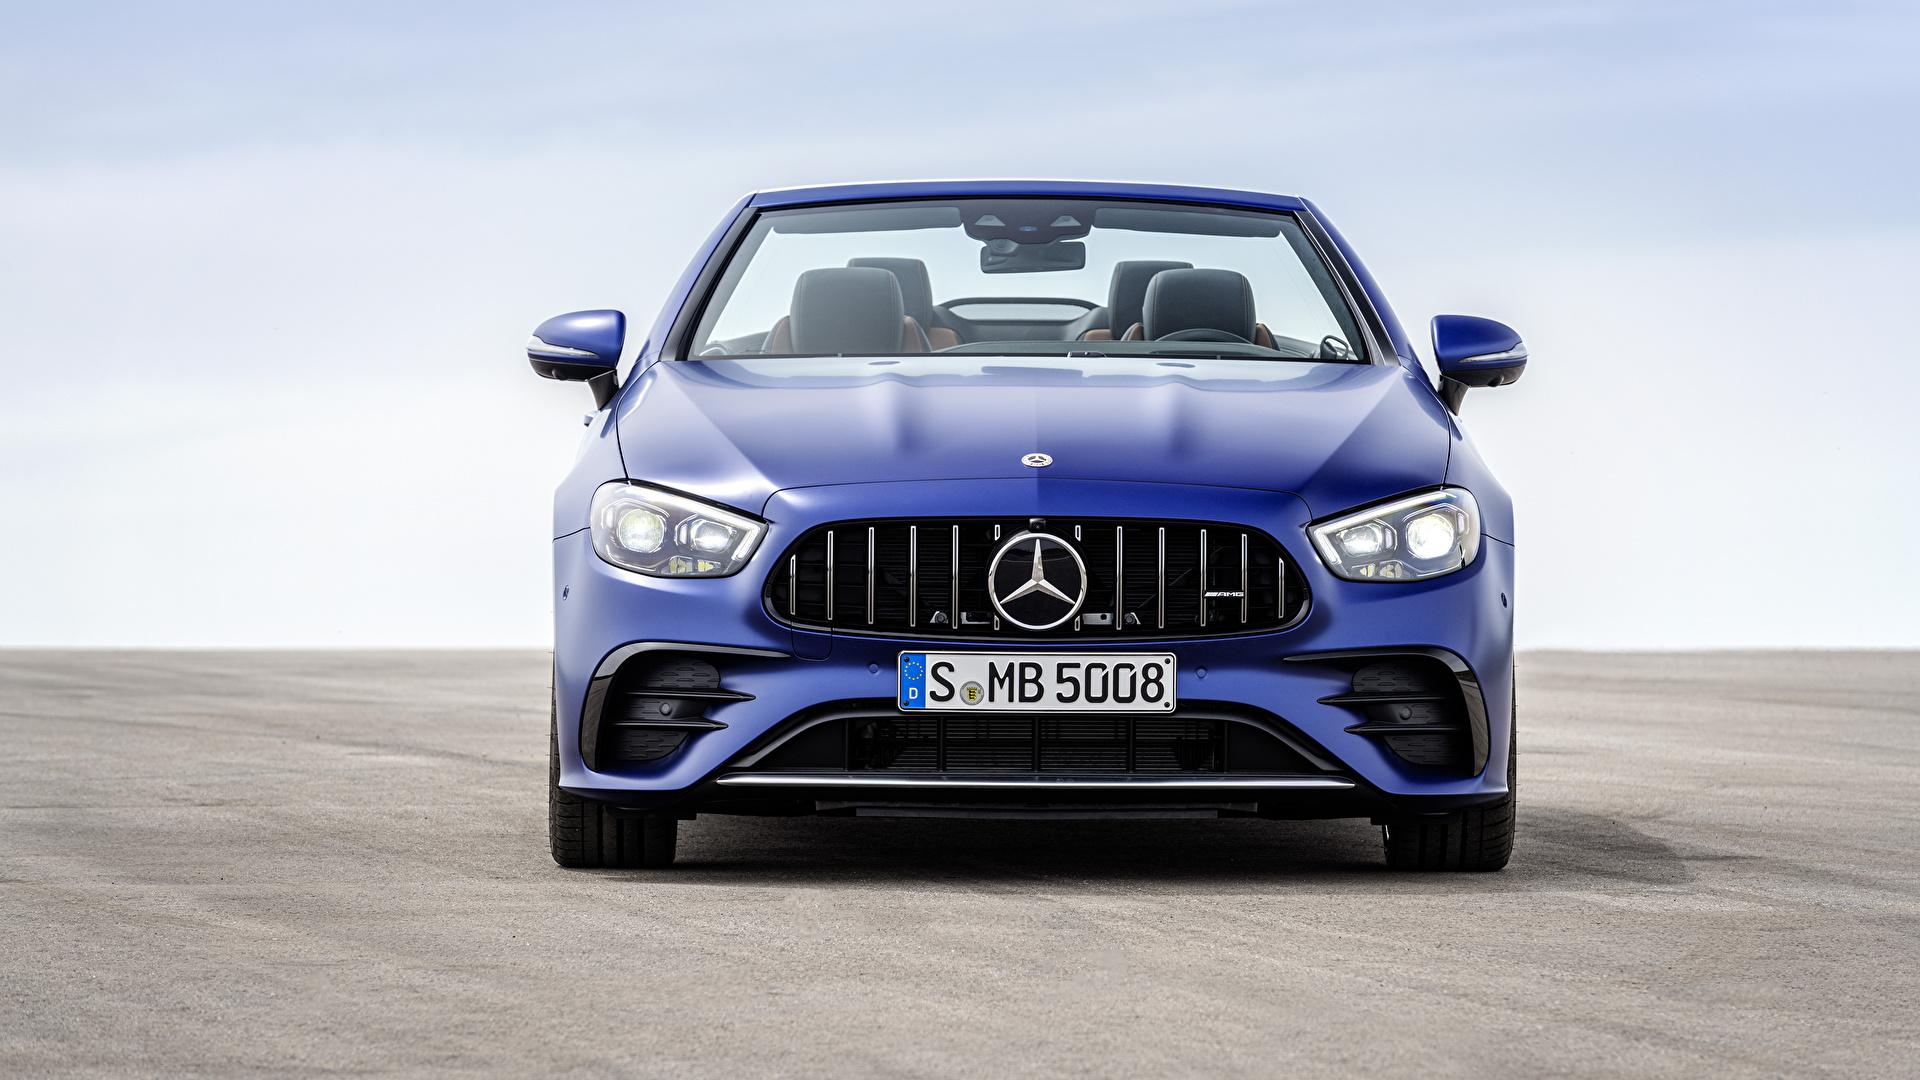 Bilder Mercedes-Benz E 53 4MATIC, Cabrio Worldwide, A238, 2020 Cabriolet Blau auto Vorne Metallisch 1920x1080 Autos automobil